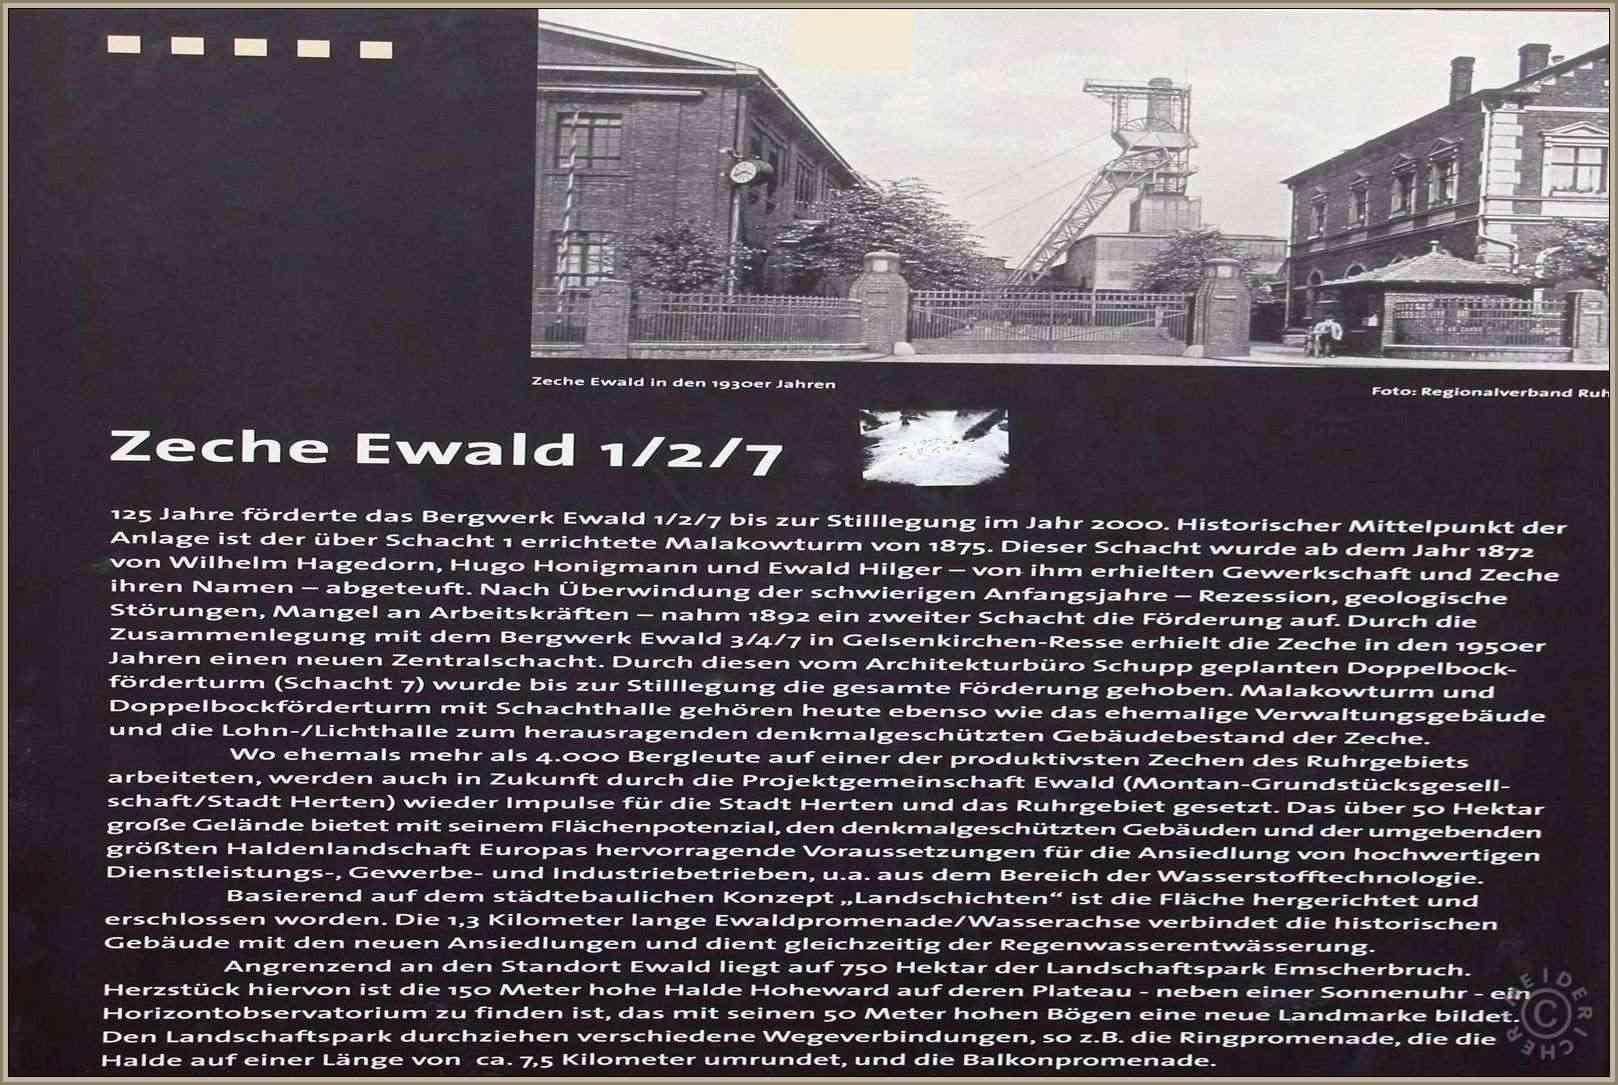 Zeche Ewald 111